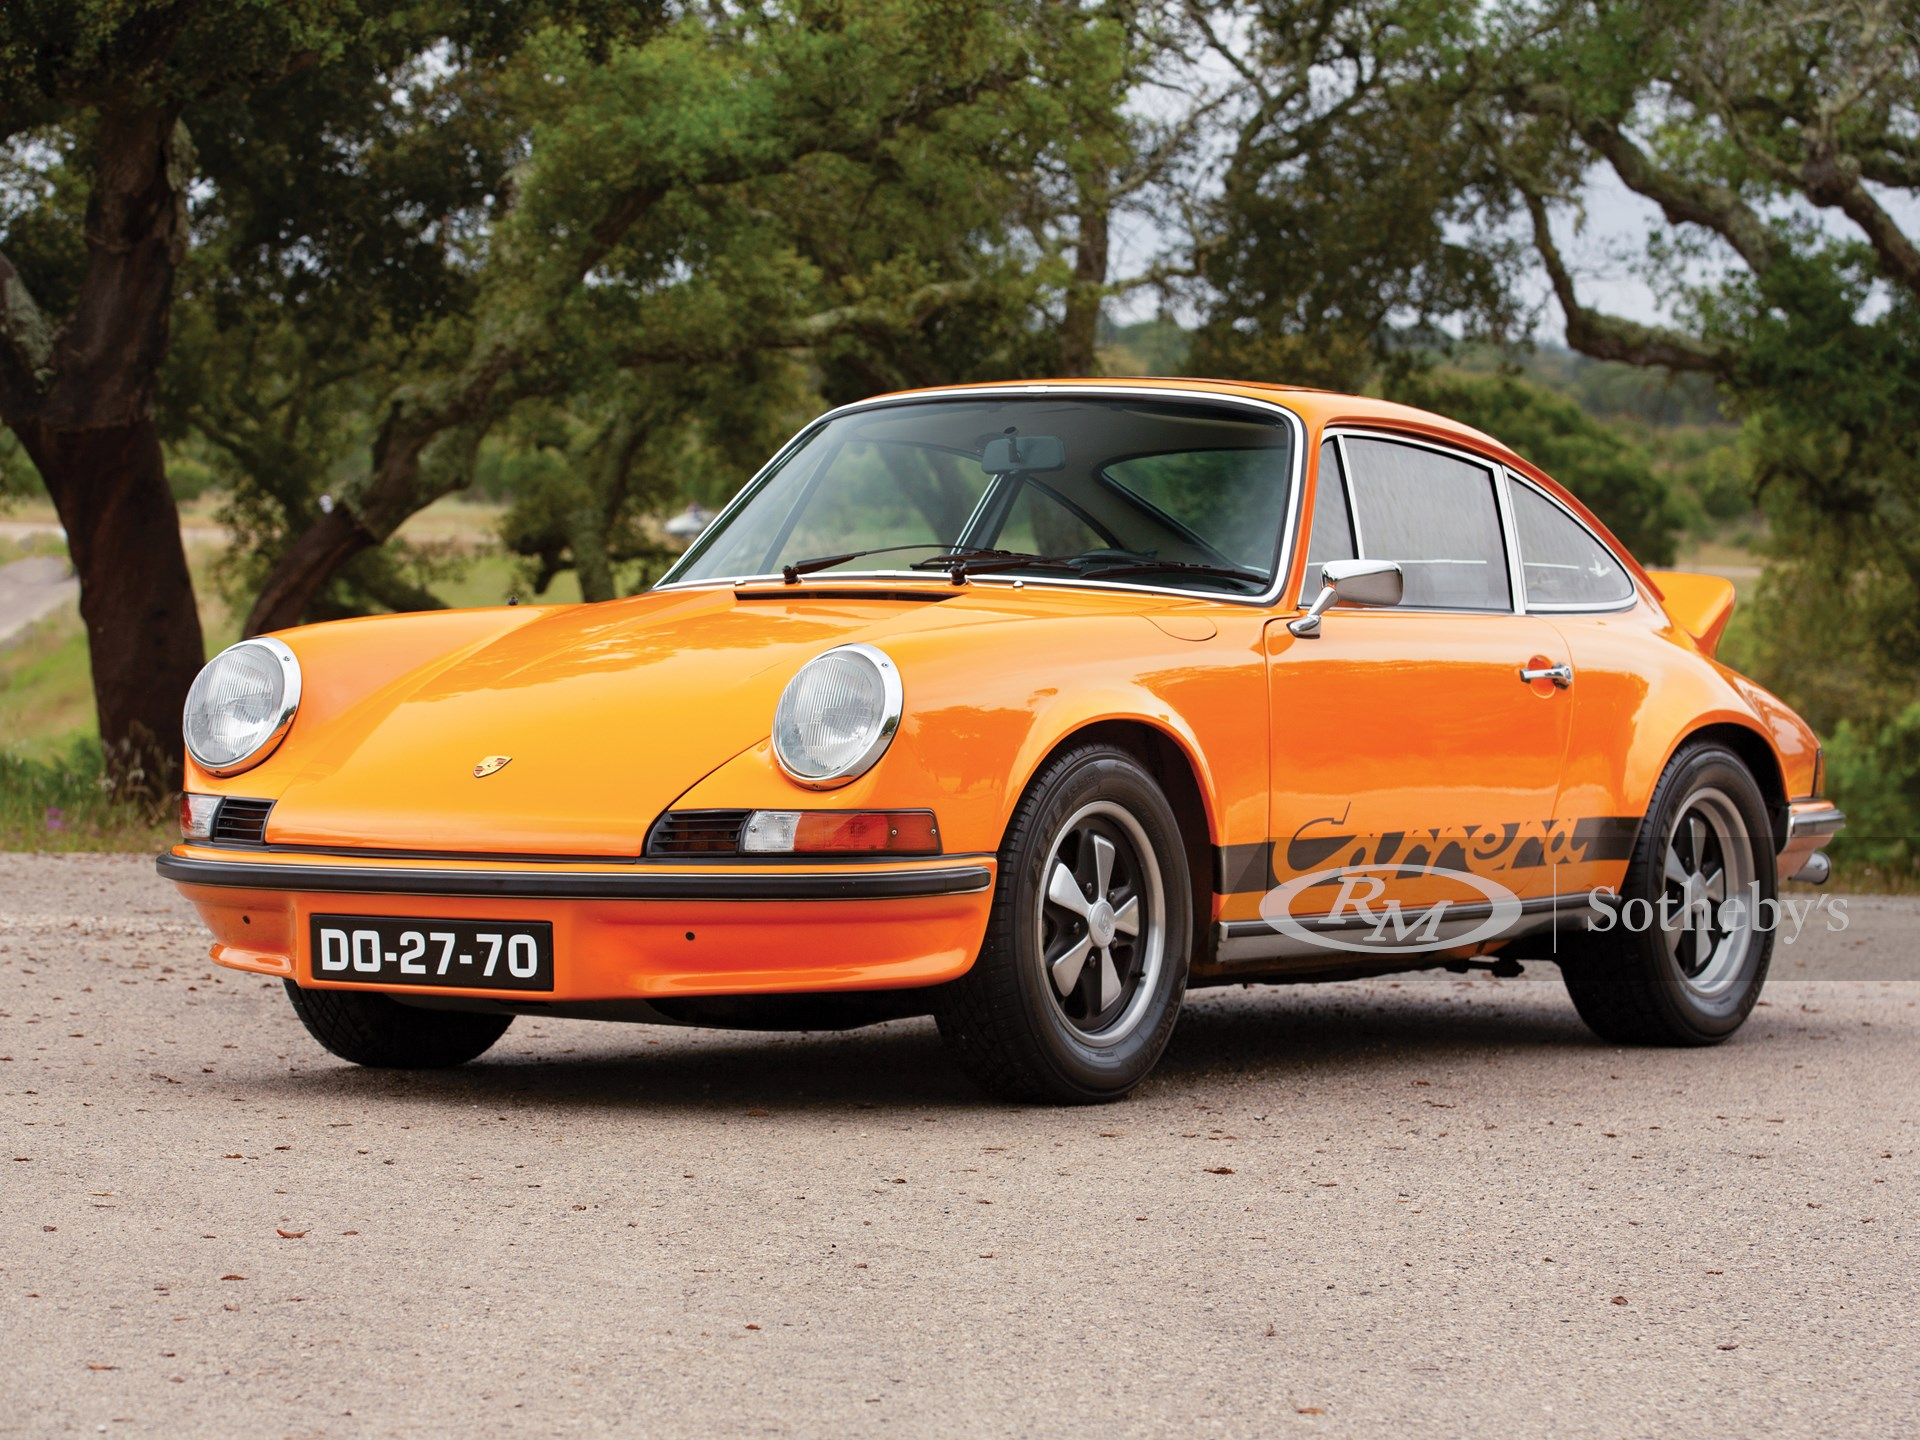 1973 Porsche 911 Carrera Rs 2 7 Touring The Saragga Collection Rm Sotheby S